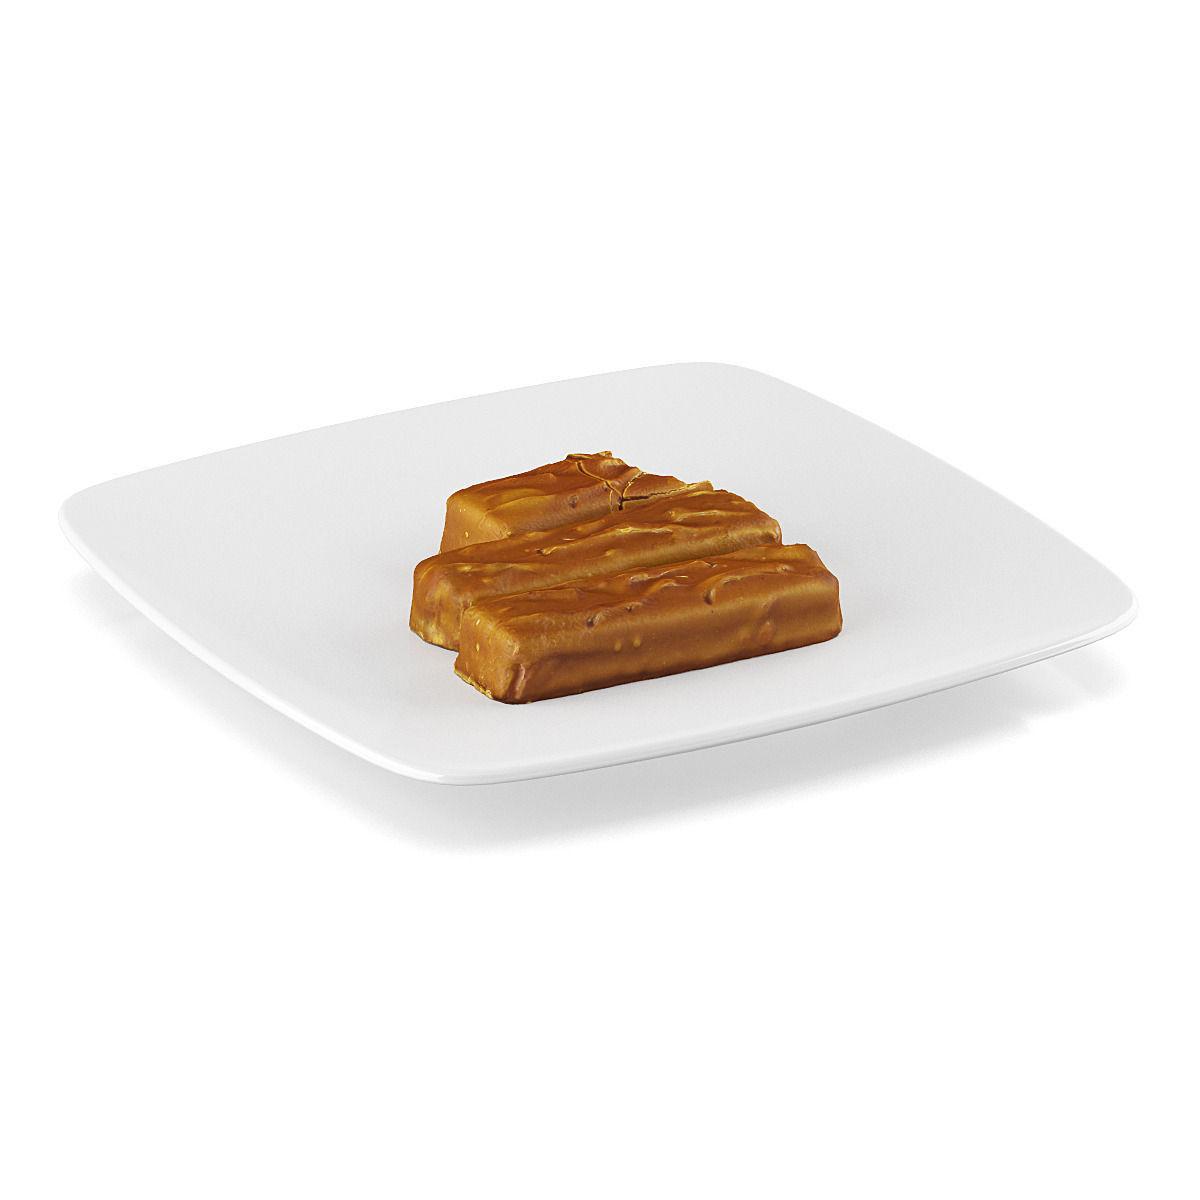 Chocolate bars 3 3d model max obj fbx c4d mtl for Food bar 3d model